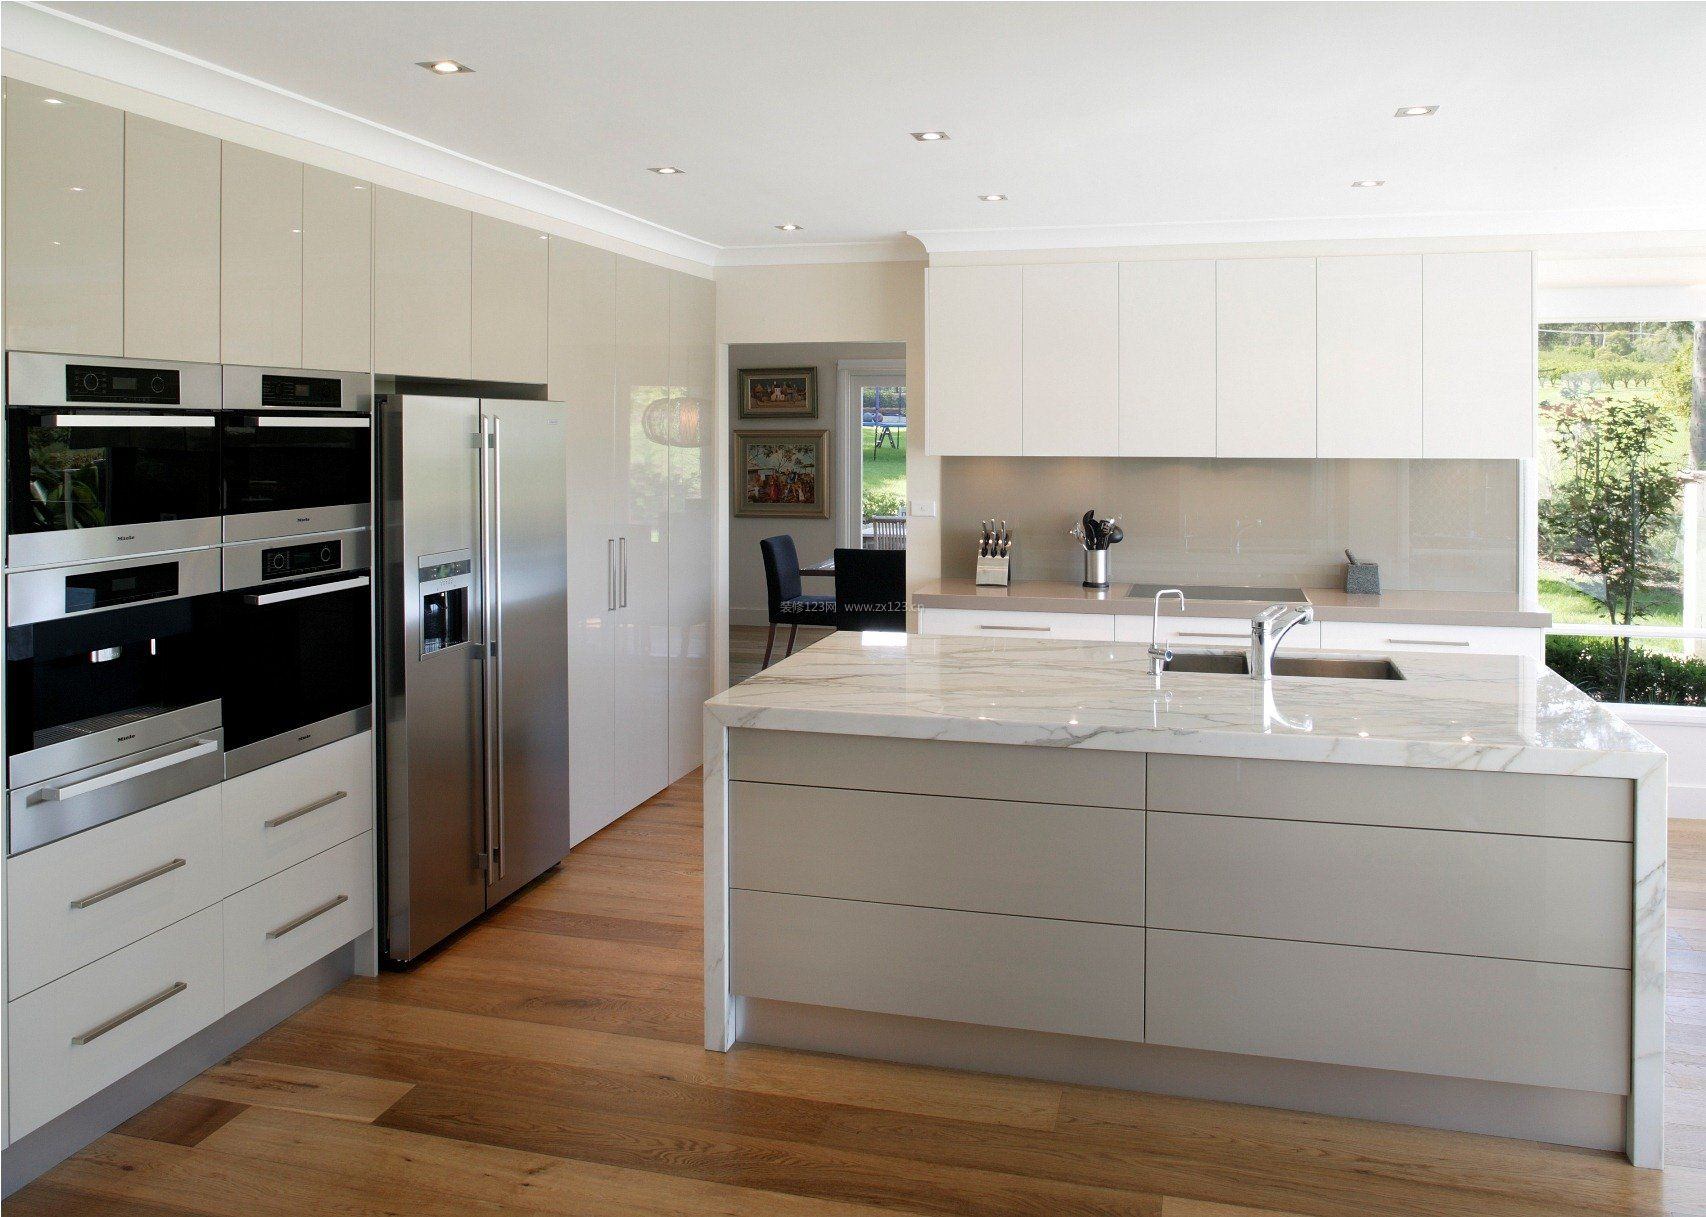 现代风格别墅厨房整体橱柜装修效果图_装修123效果图